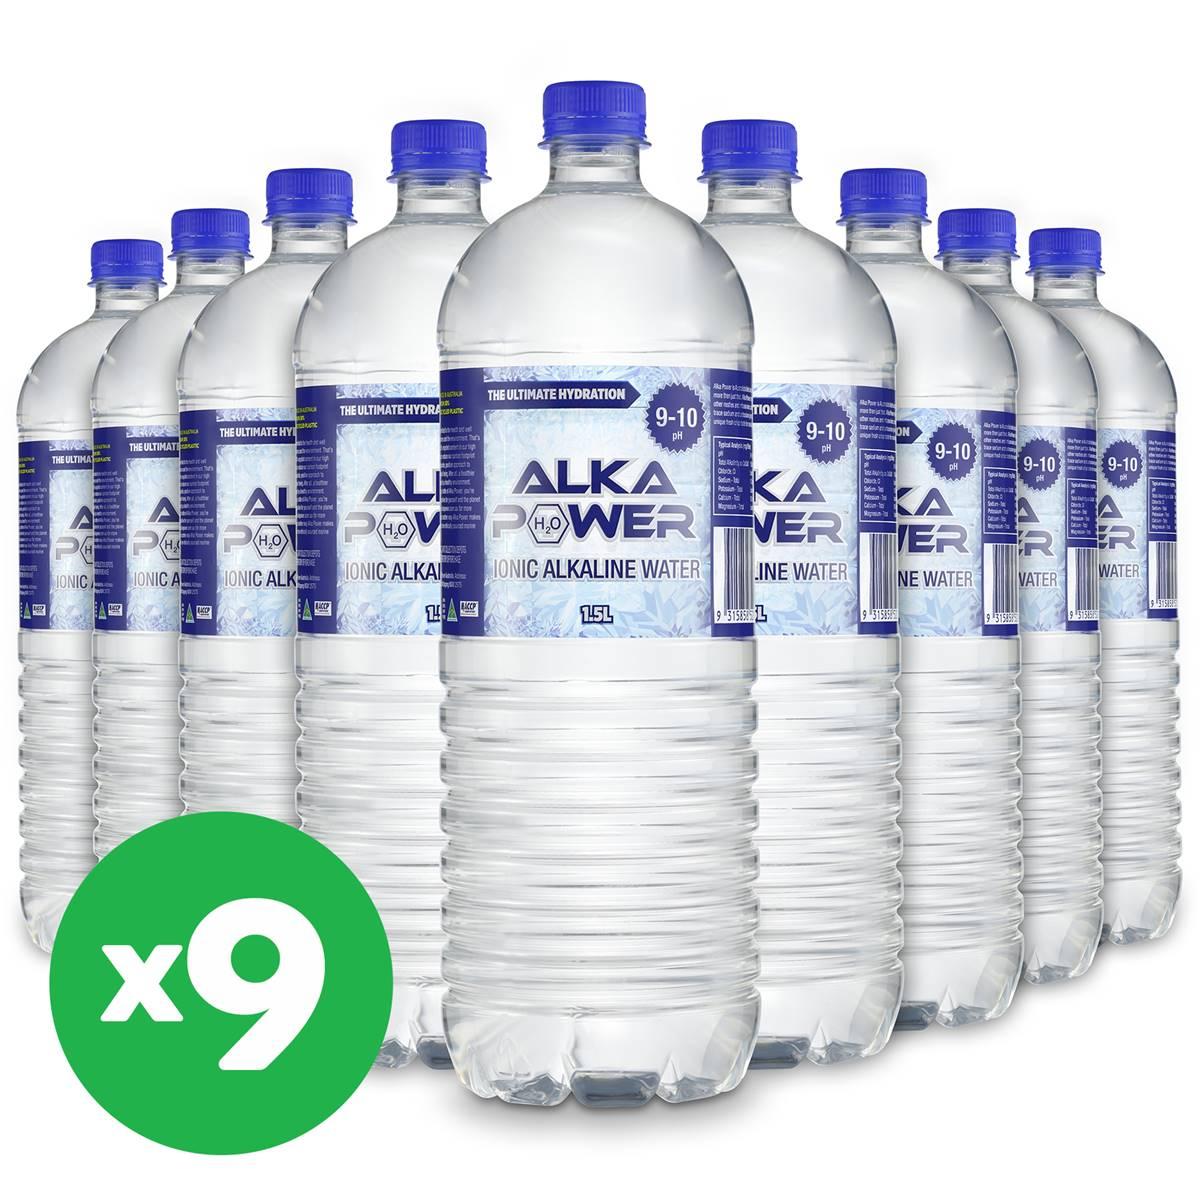 Alka Power Alkaline Water Bottles L X Bundle Woolworths - Alkaline water bottle